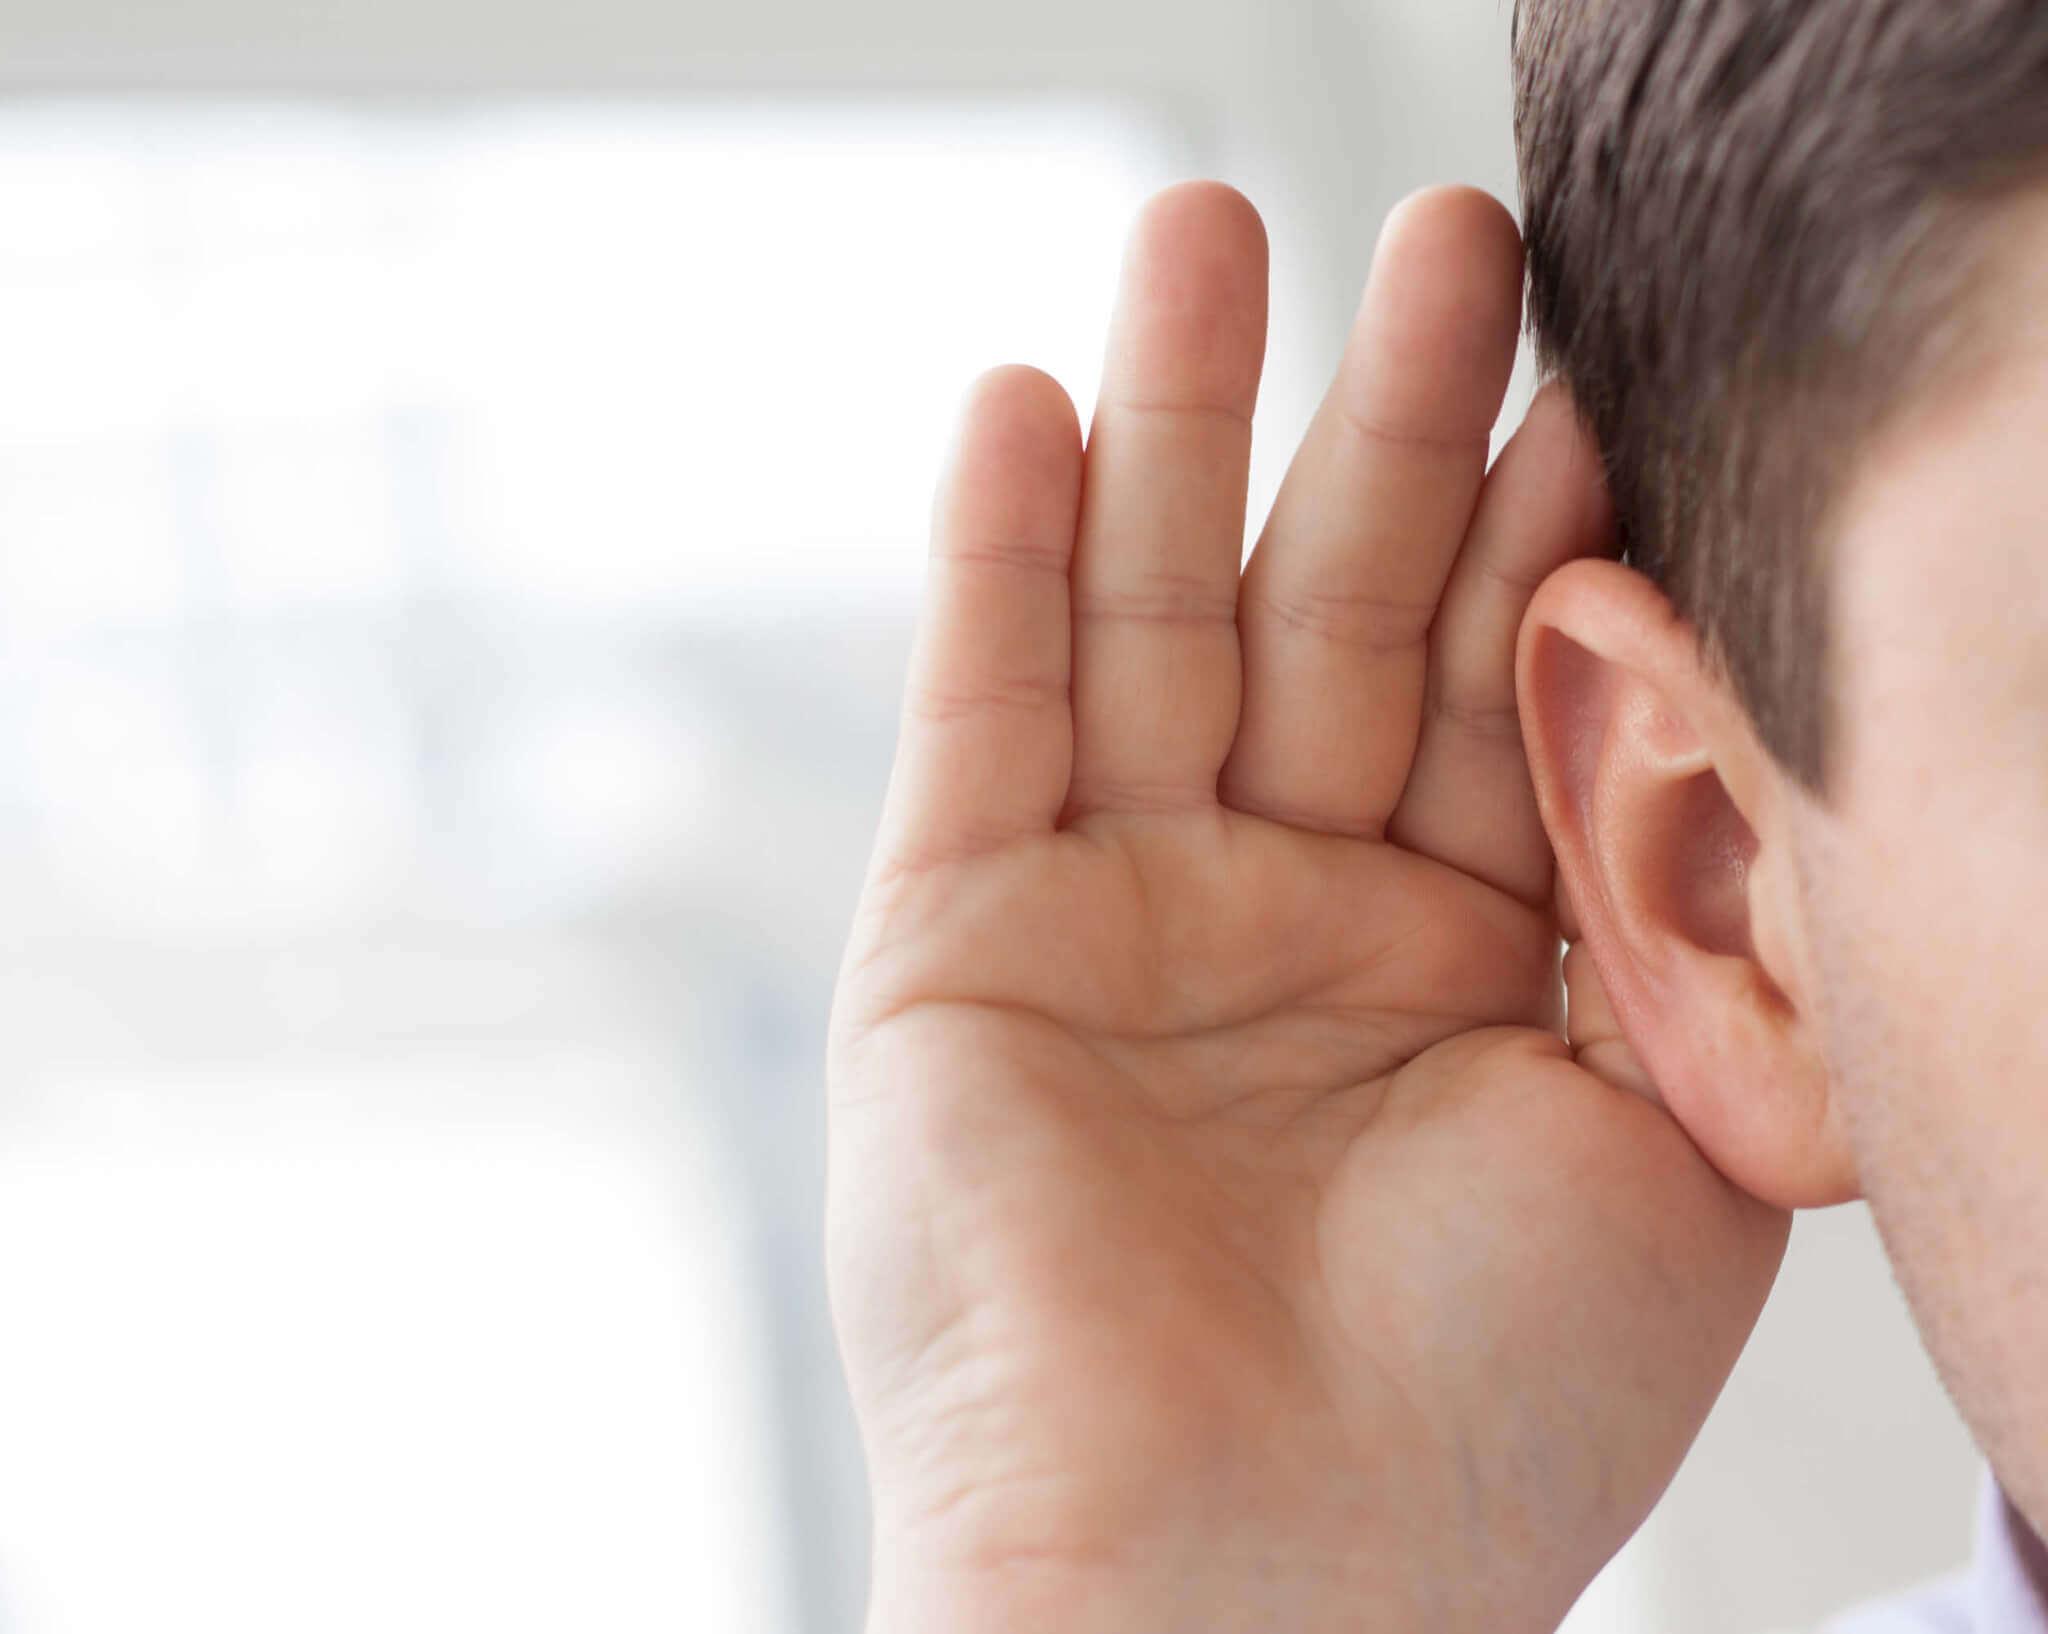 hearing-loss-signs-aids-